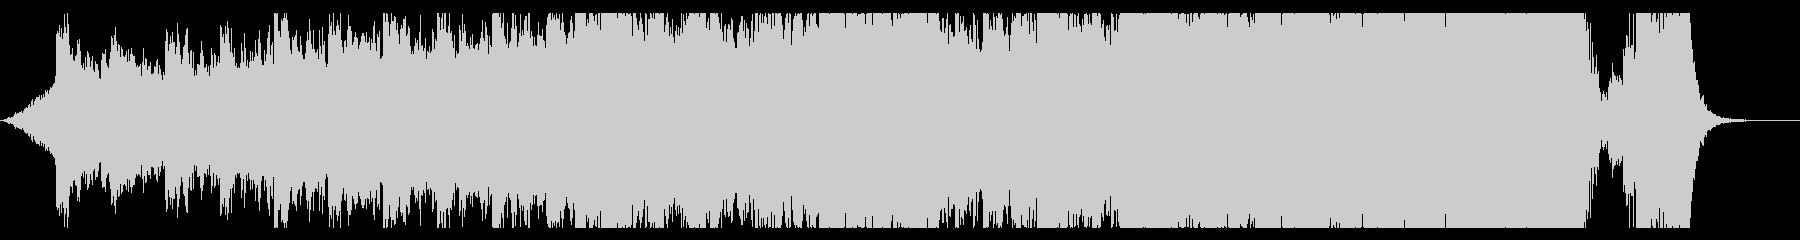 ハリウッド映画風の壮大なオーケストラ5Aの未再生の波形